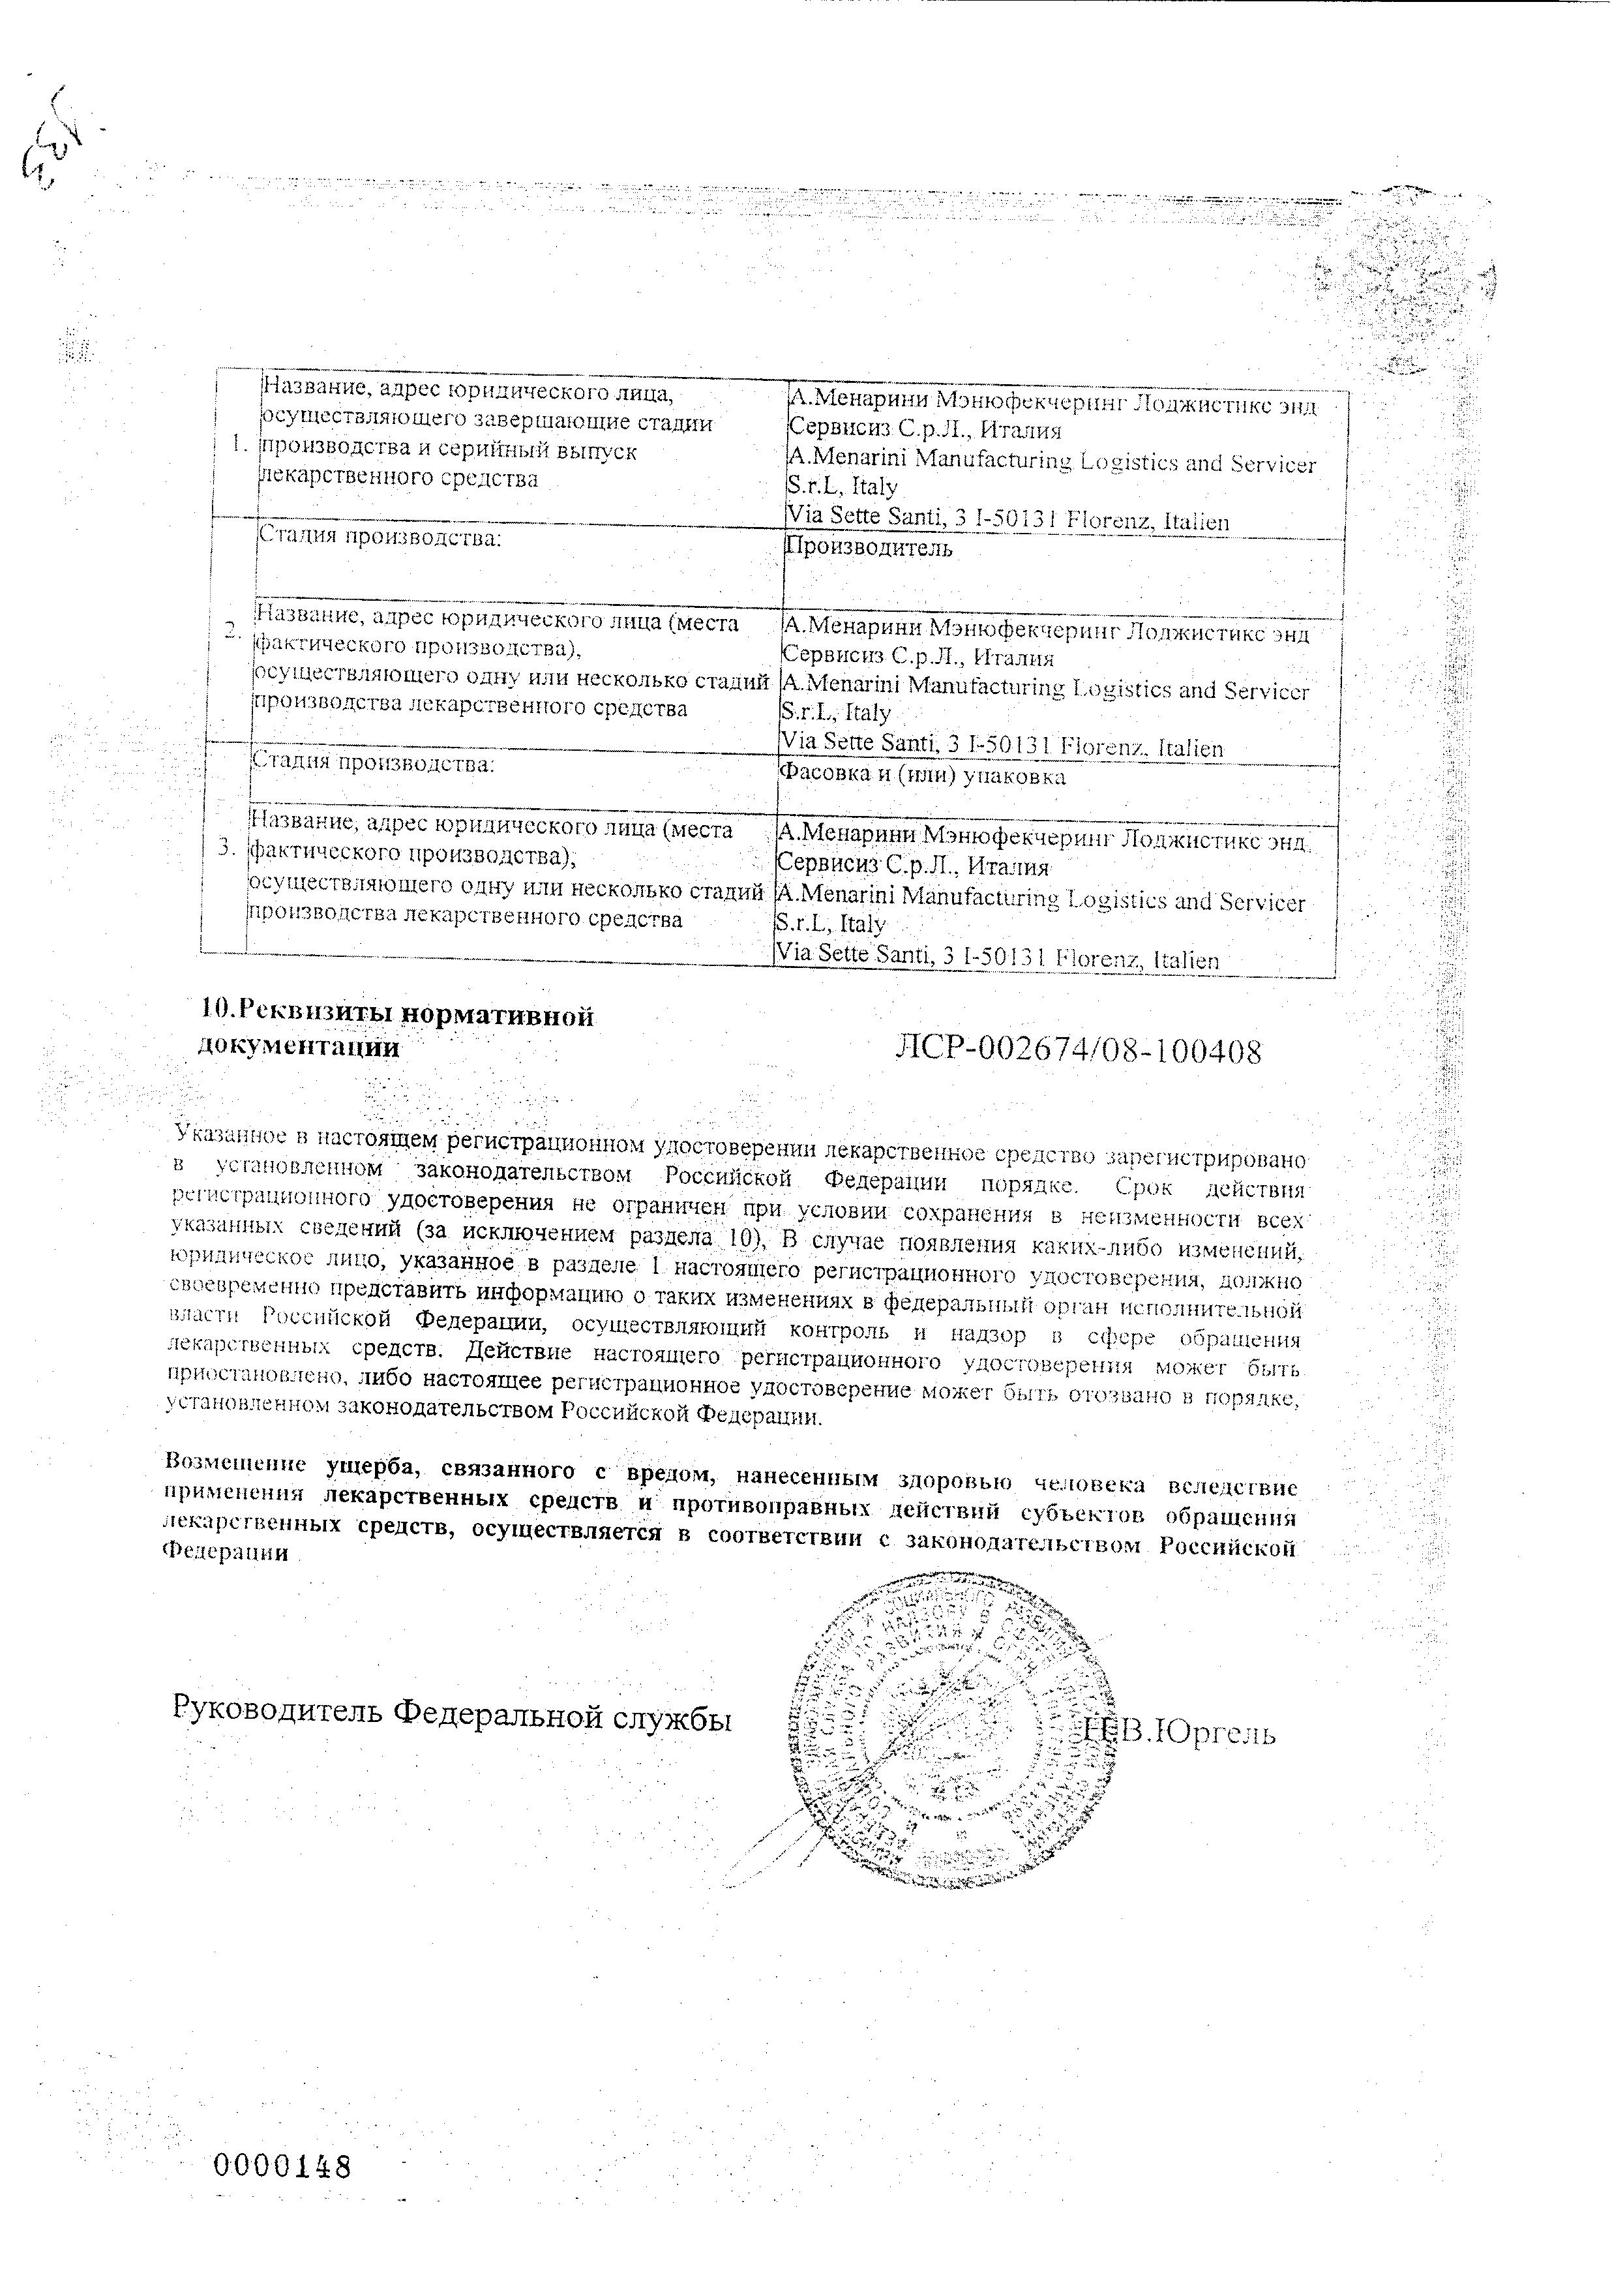 Дексалгин сертификат